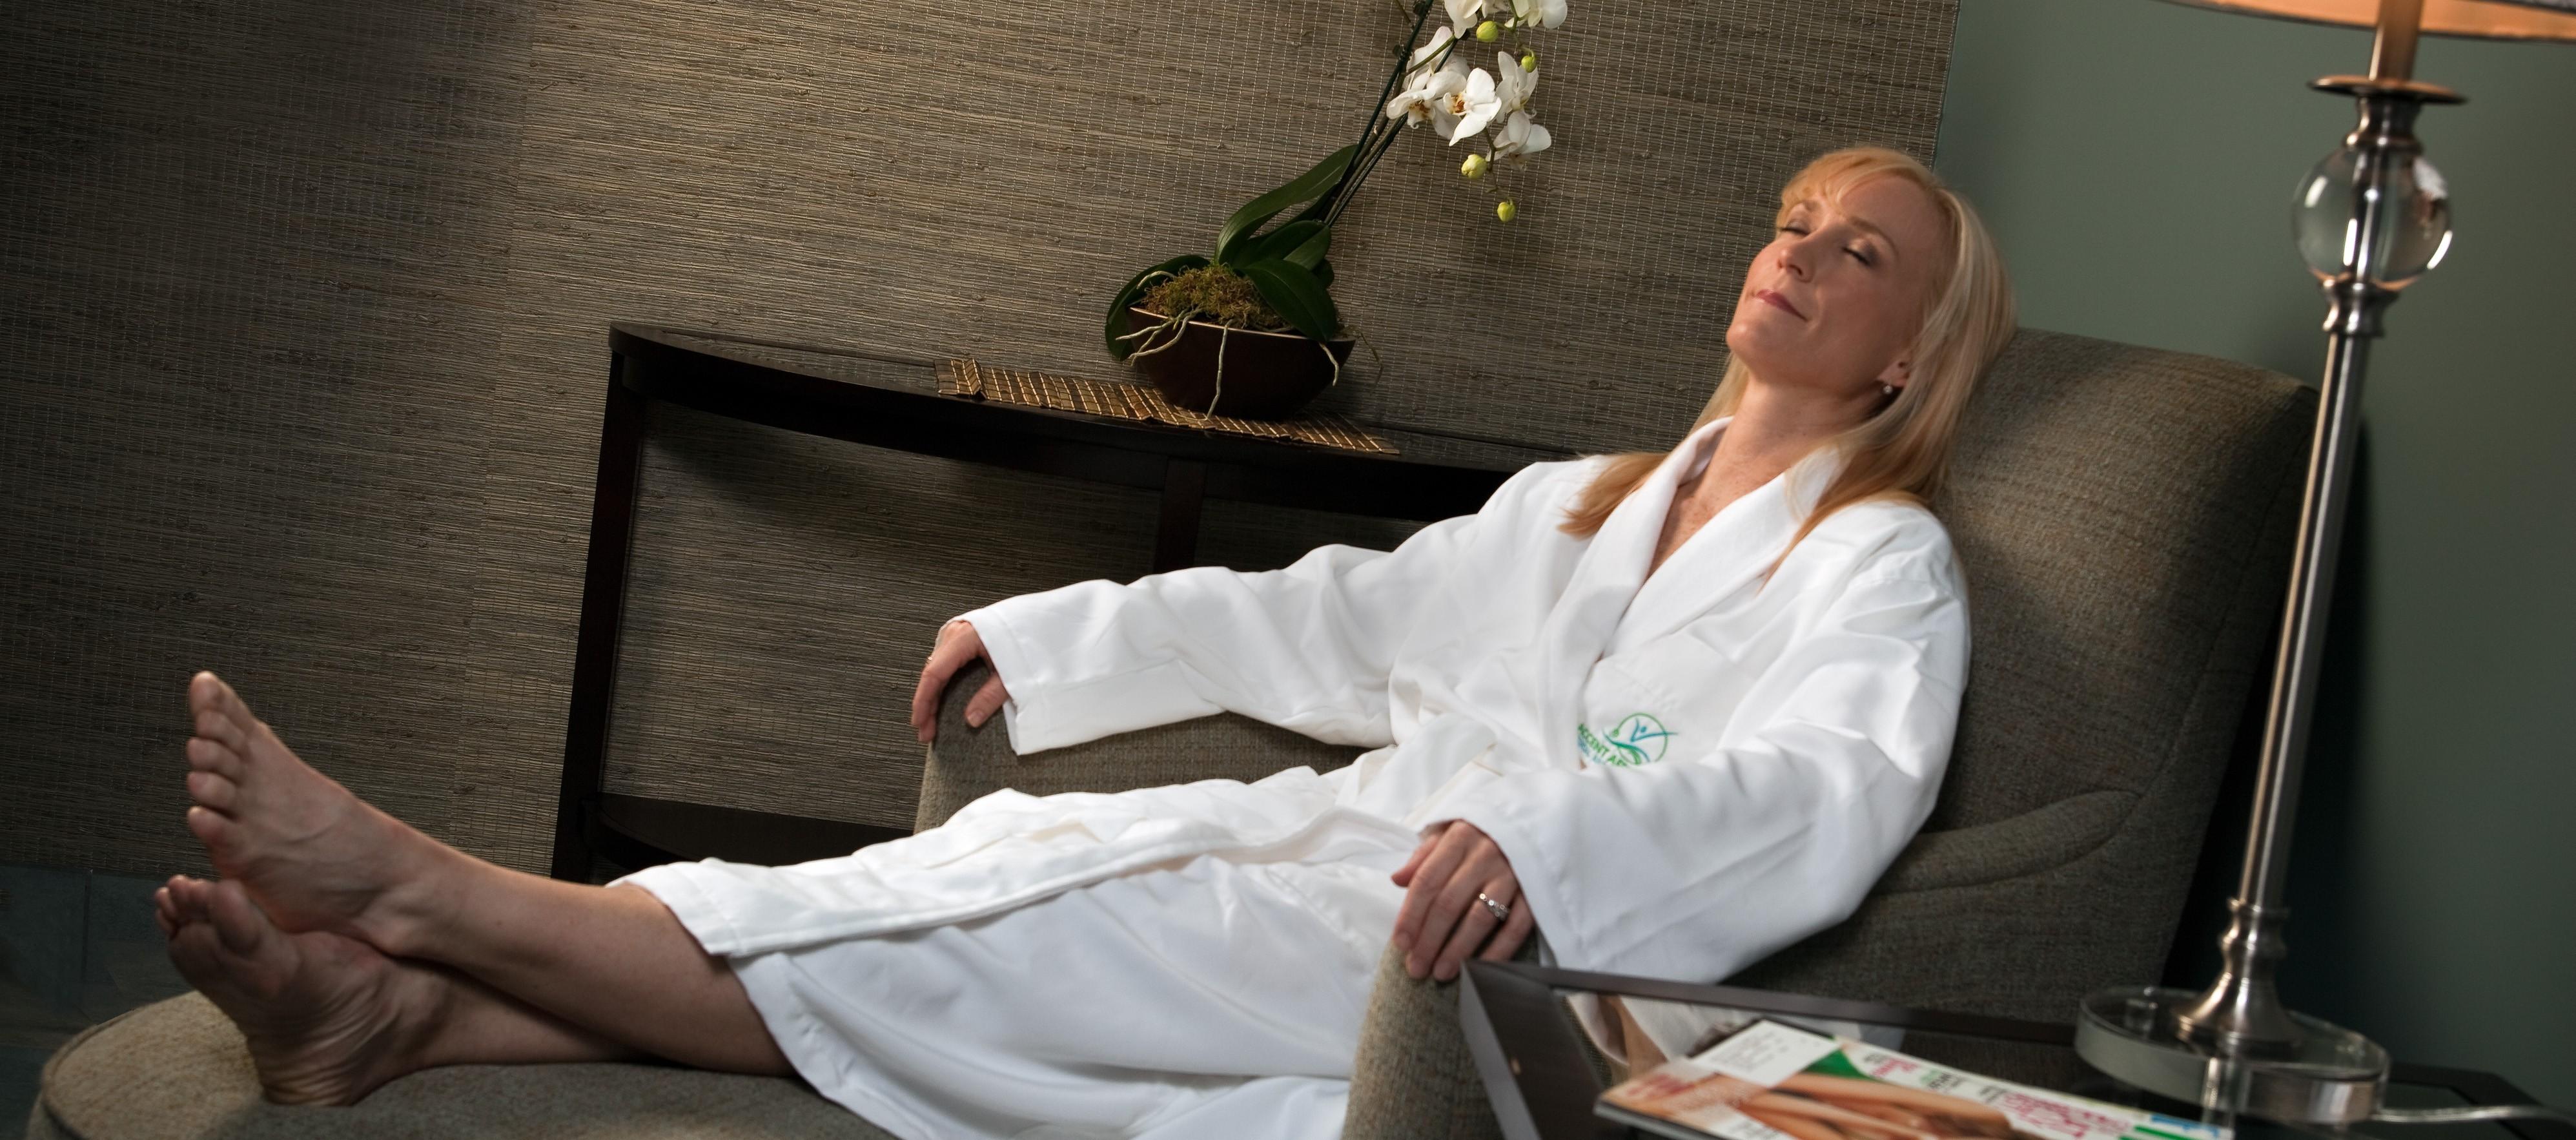 Restoring Balance & Natural Health